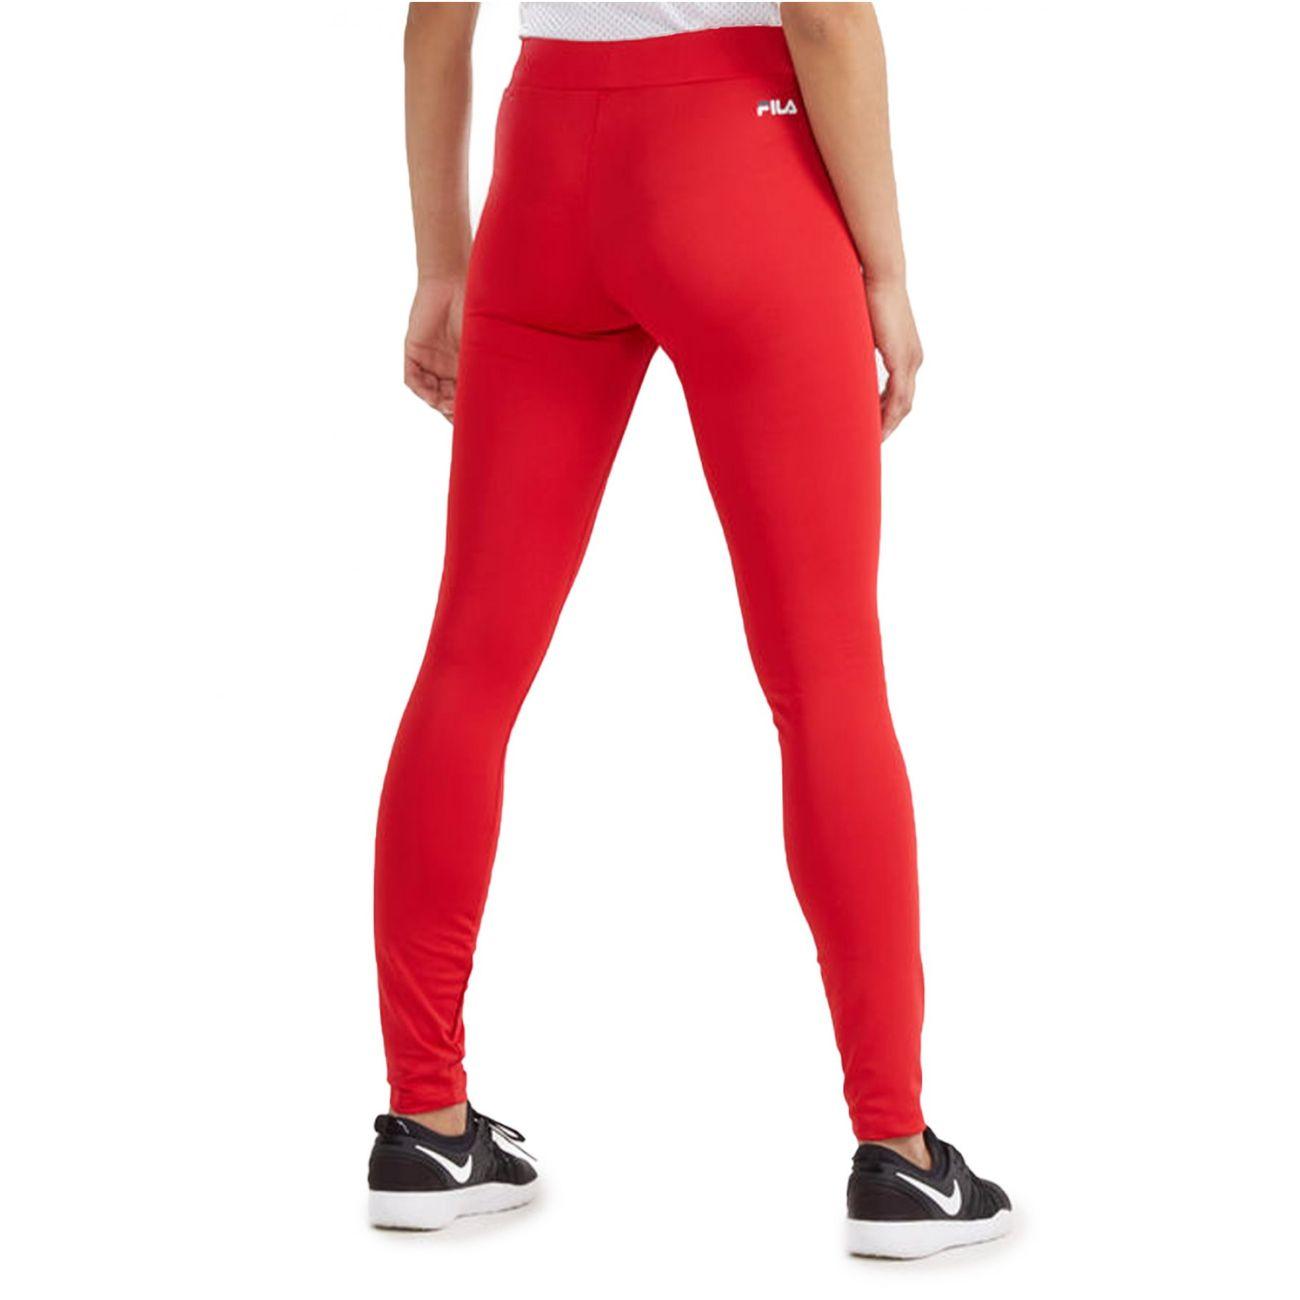 marques reconnues Prix de gros 2019 thésaurisation comme une denrée rare Mode- Lifestyle femme FILA Urban leggings rouge